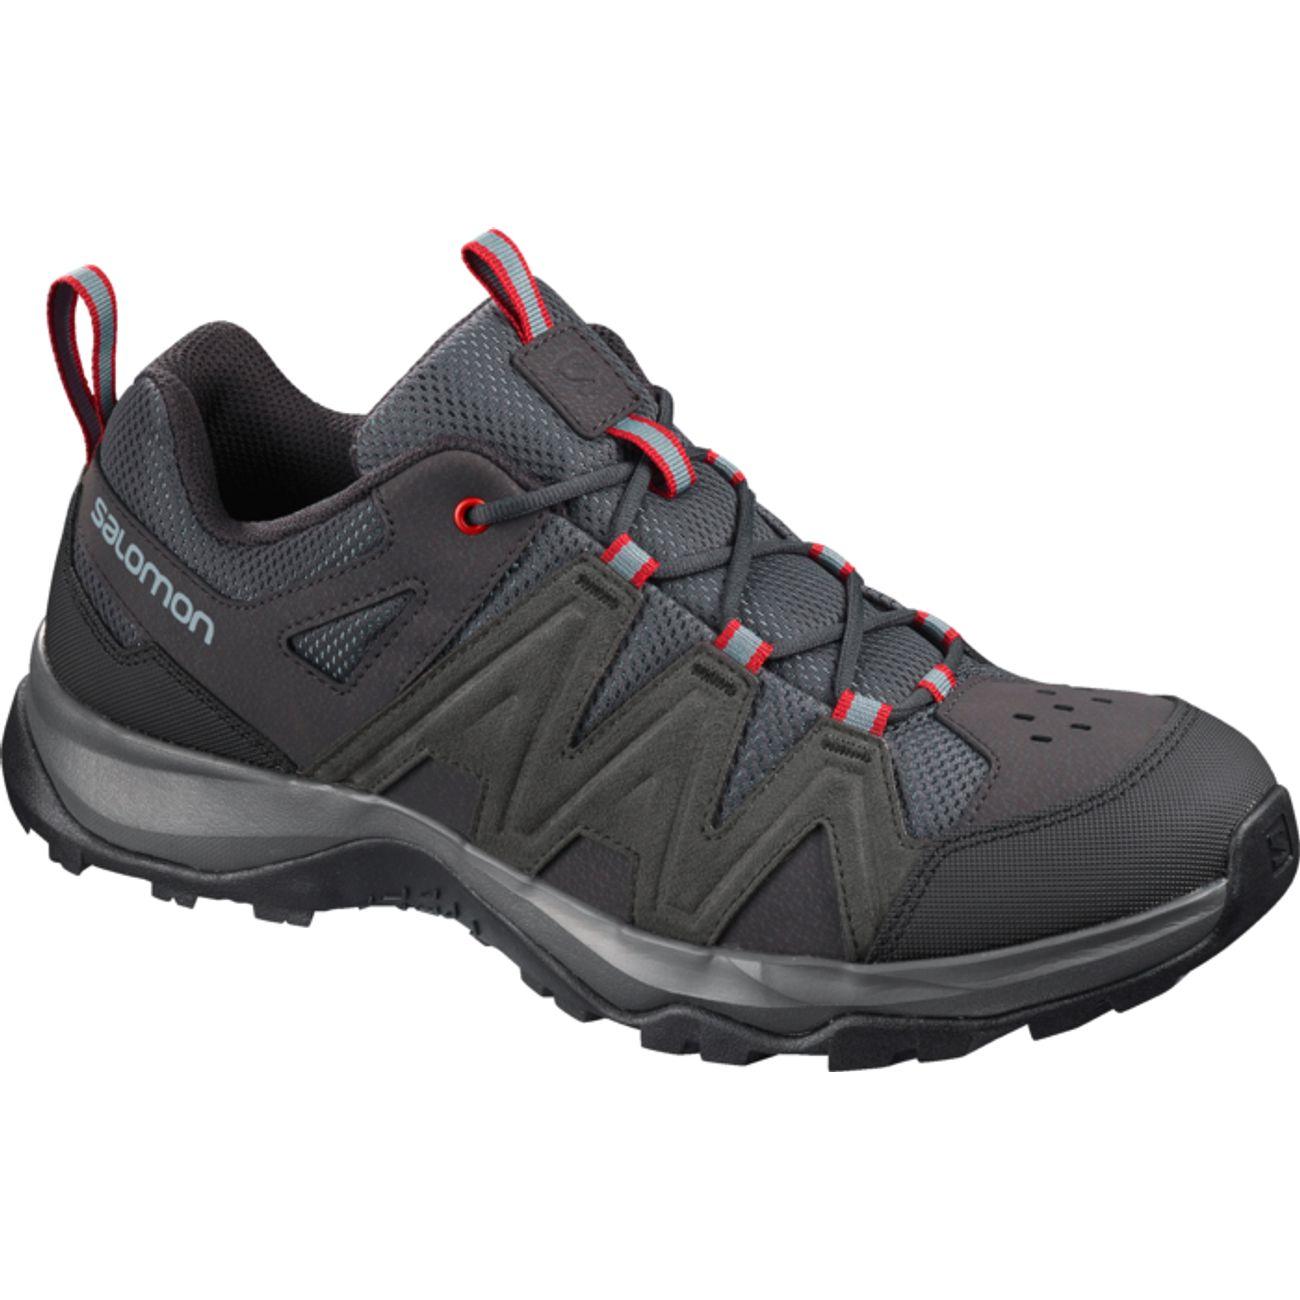 Chaussures de randonnée Salomon Milstream (du 40 au 46)